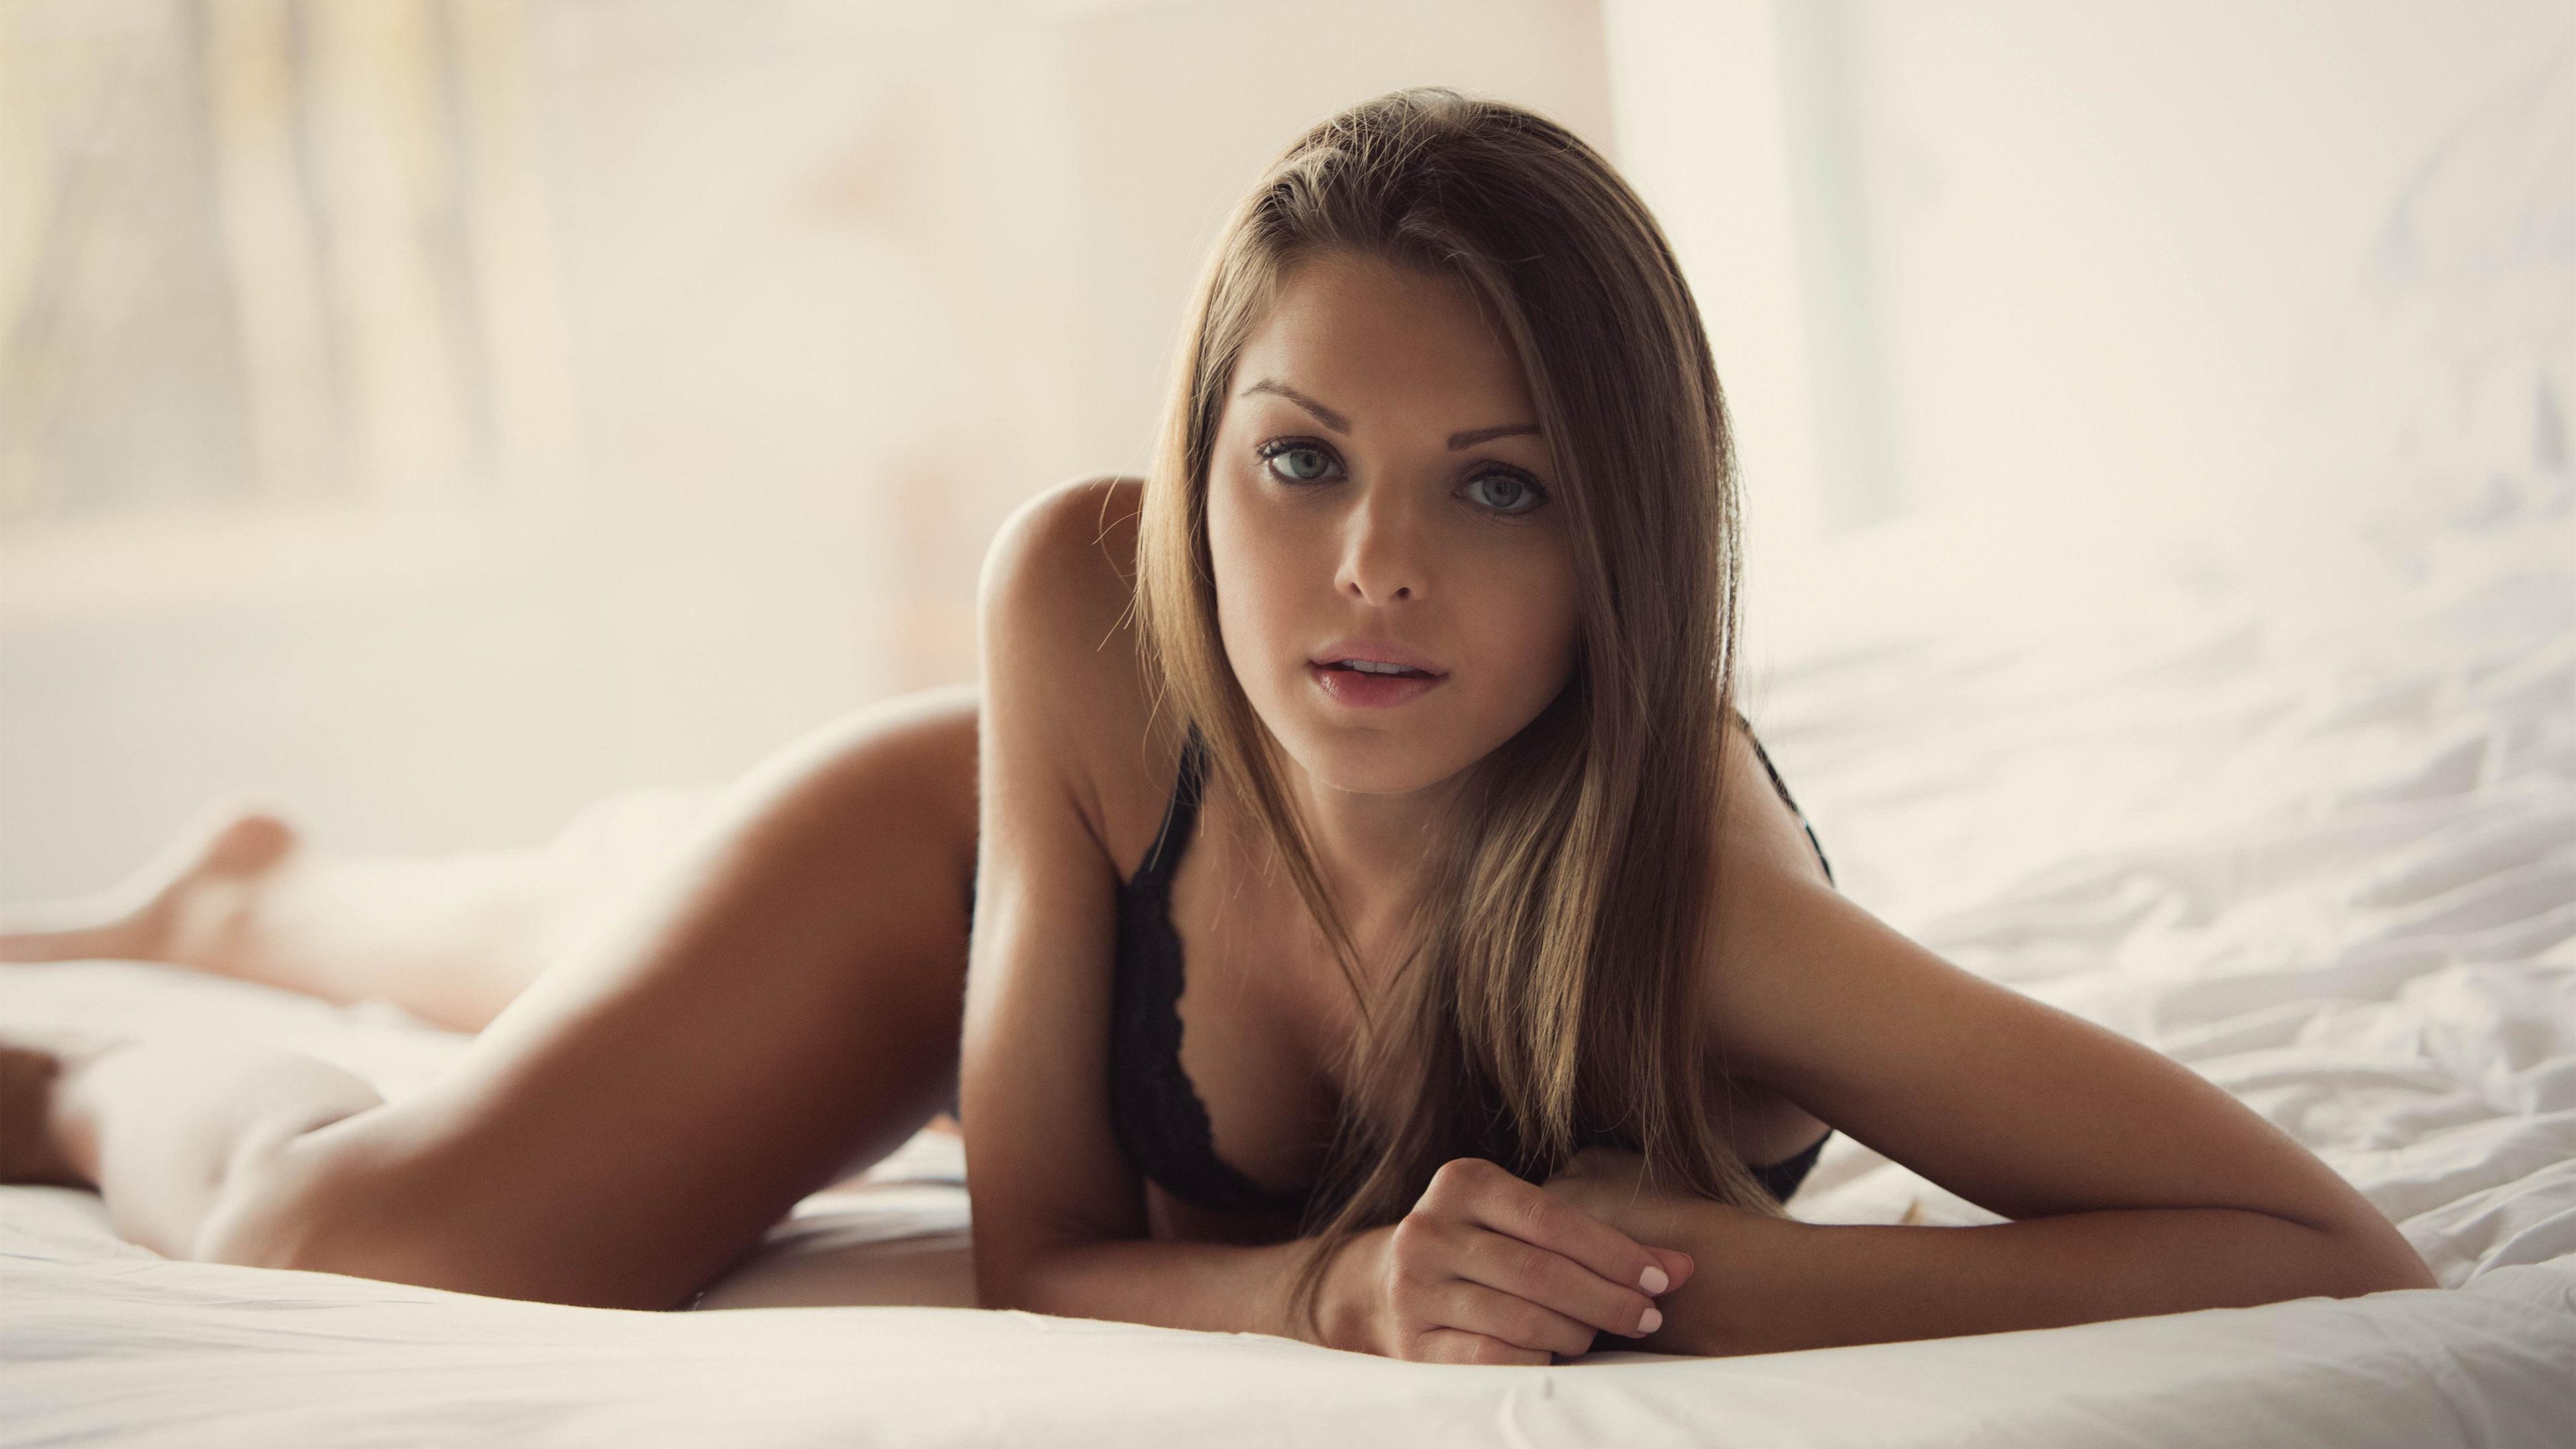 美女模特,欧美女神,性感,金发